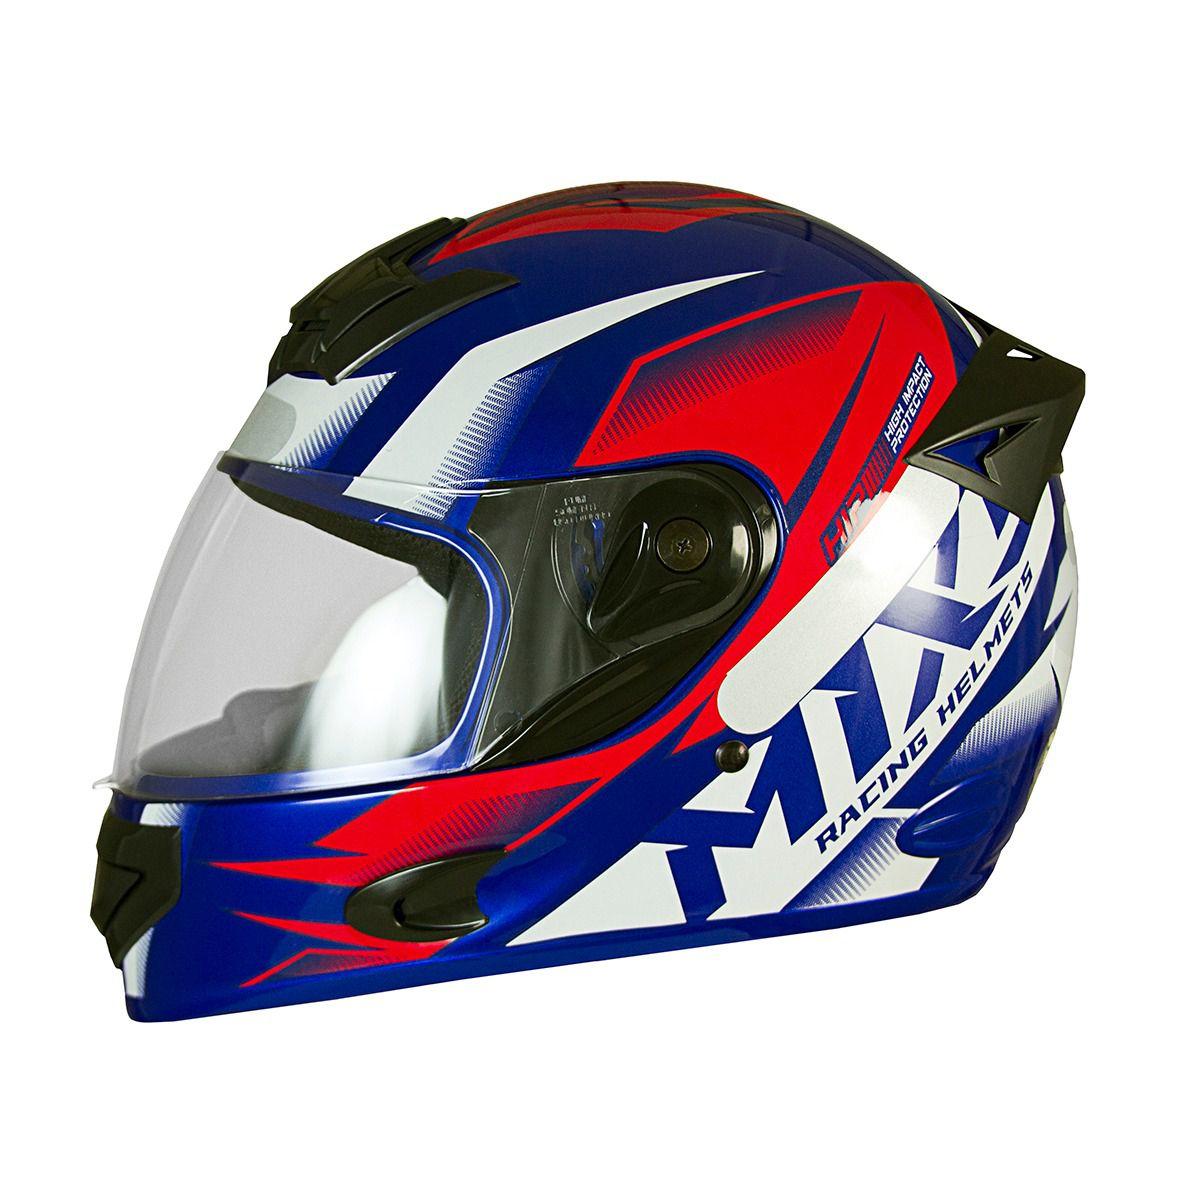 Capacete De Moto Mixs MX2 Storm Azul Fosco/Vermelho